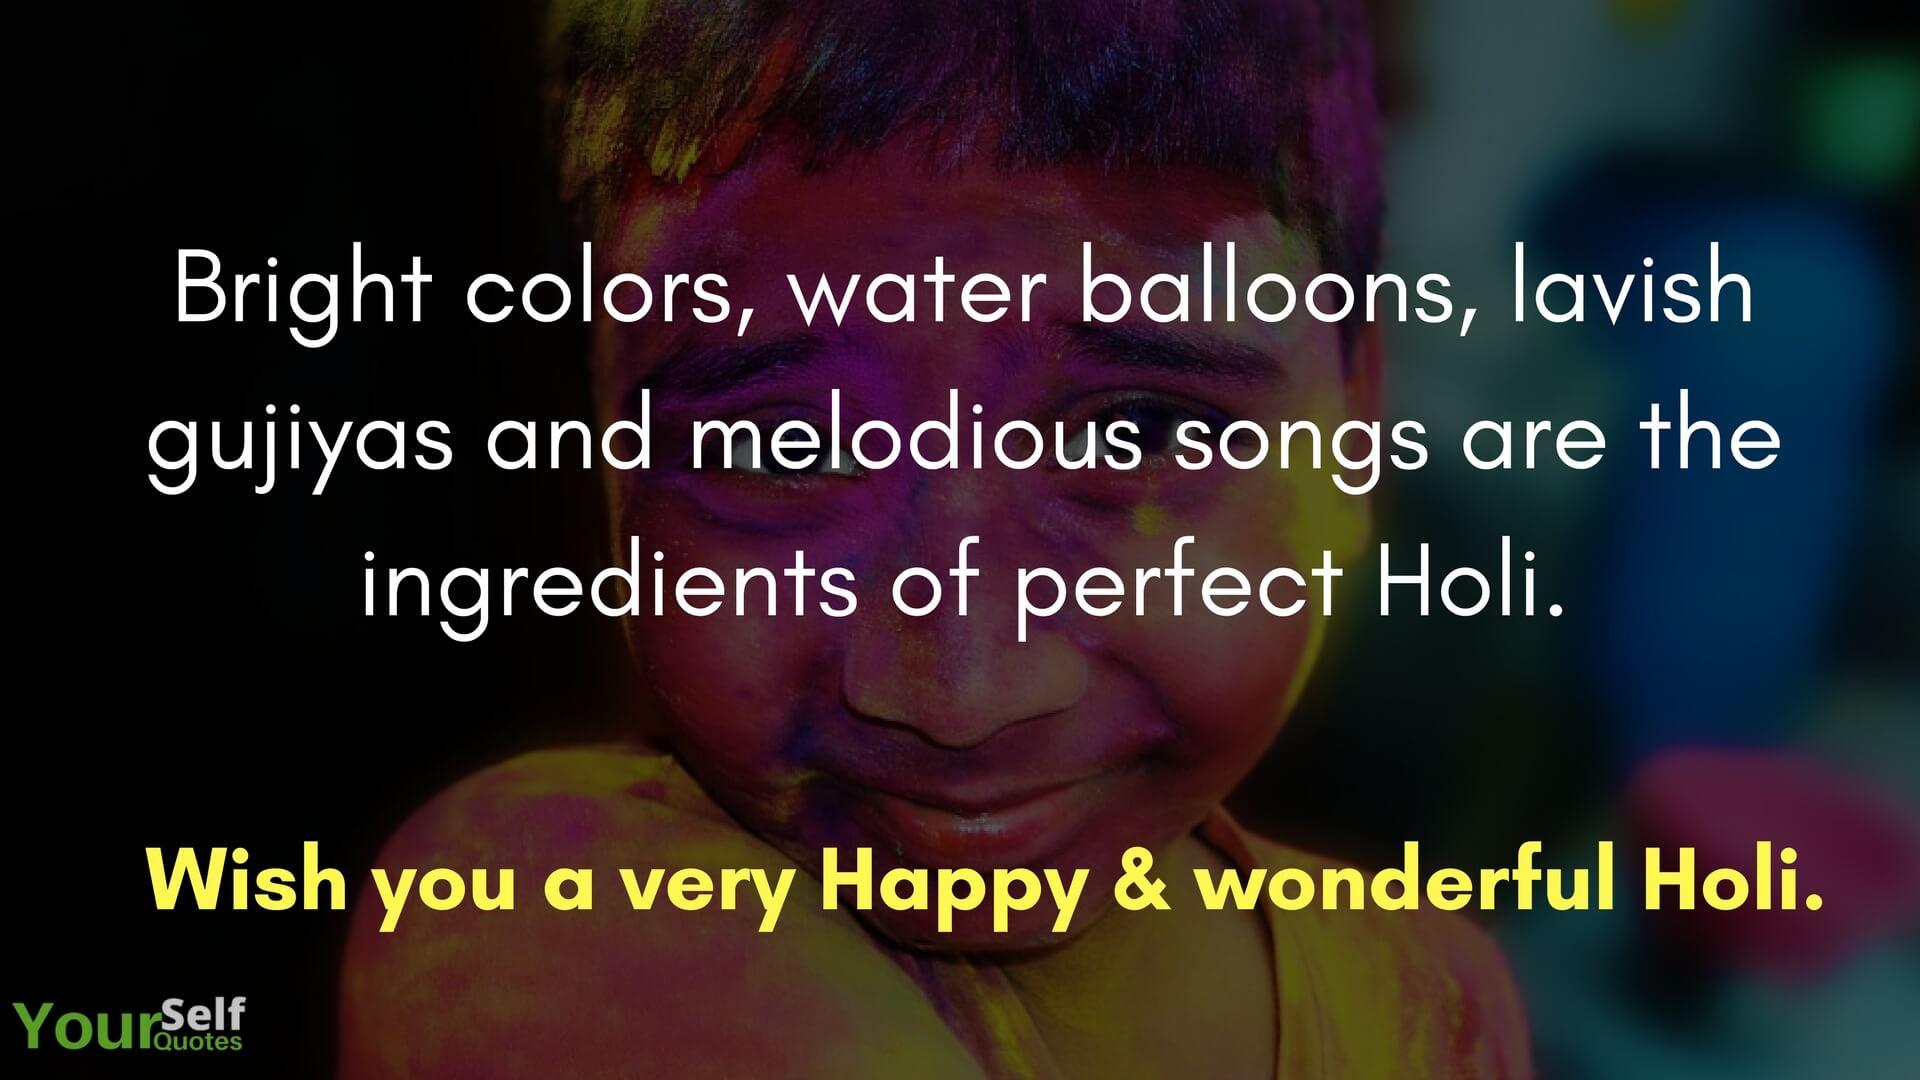 Semoga Anda mendapatkan Holi yang Sangat Bahagia